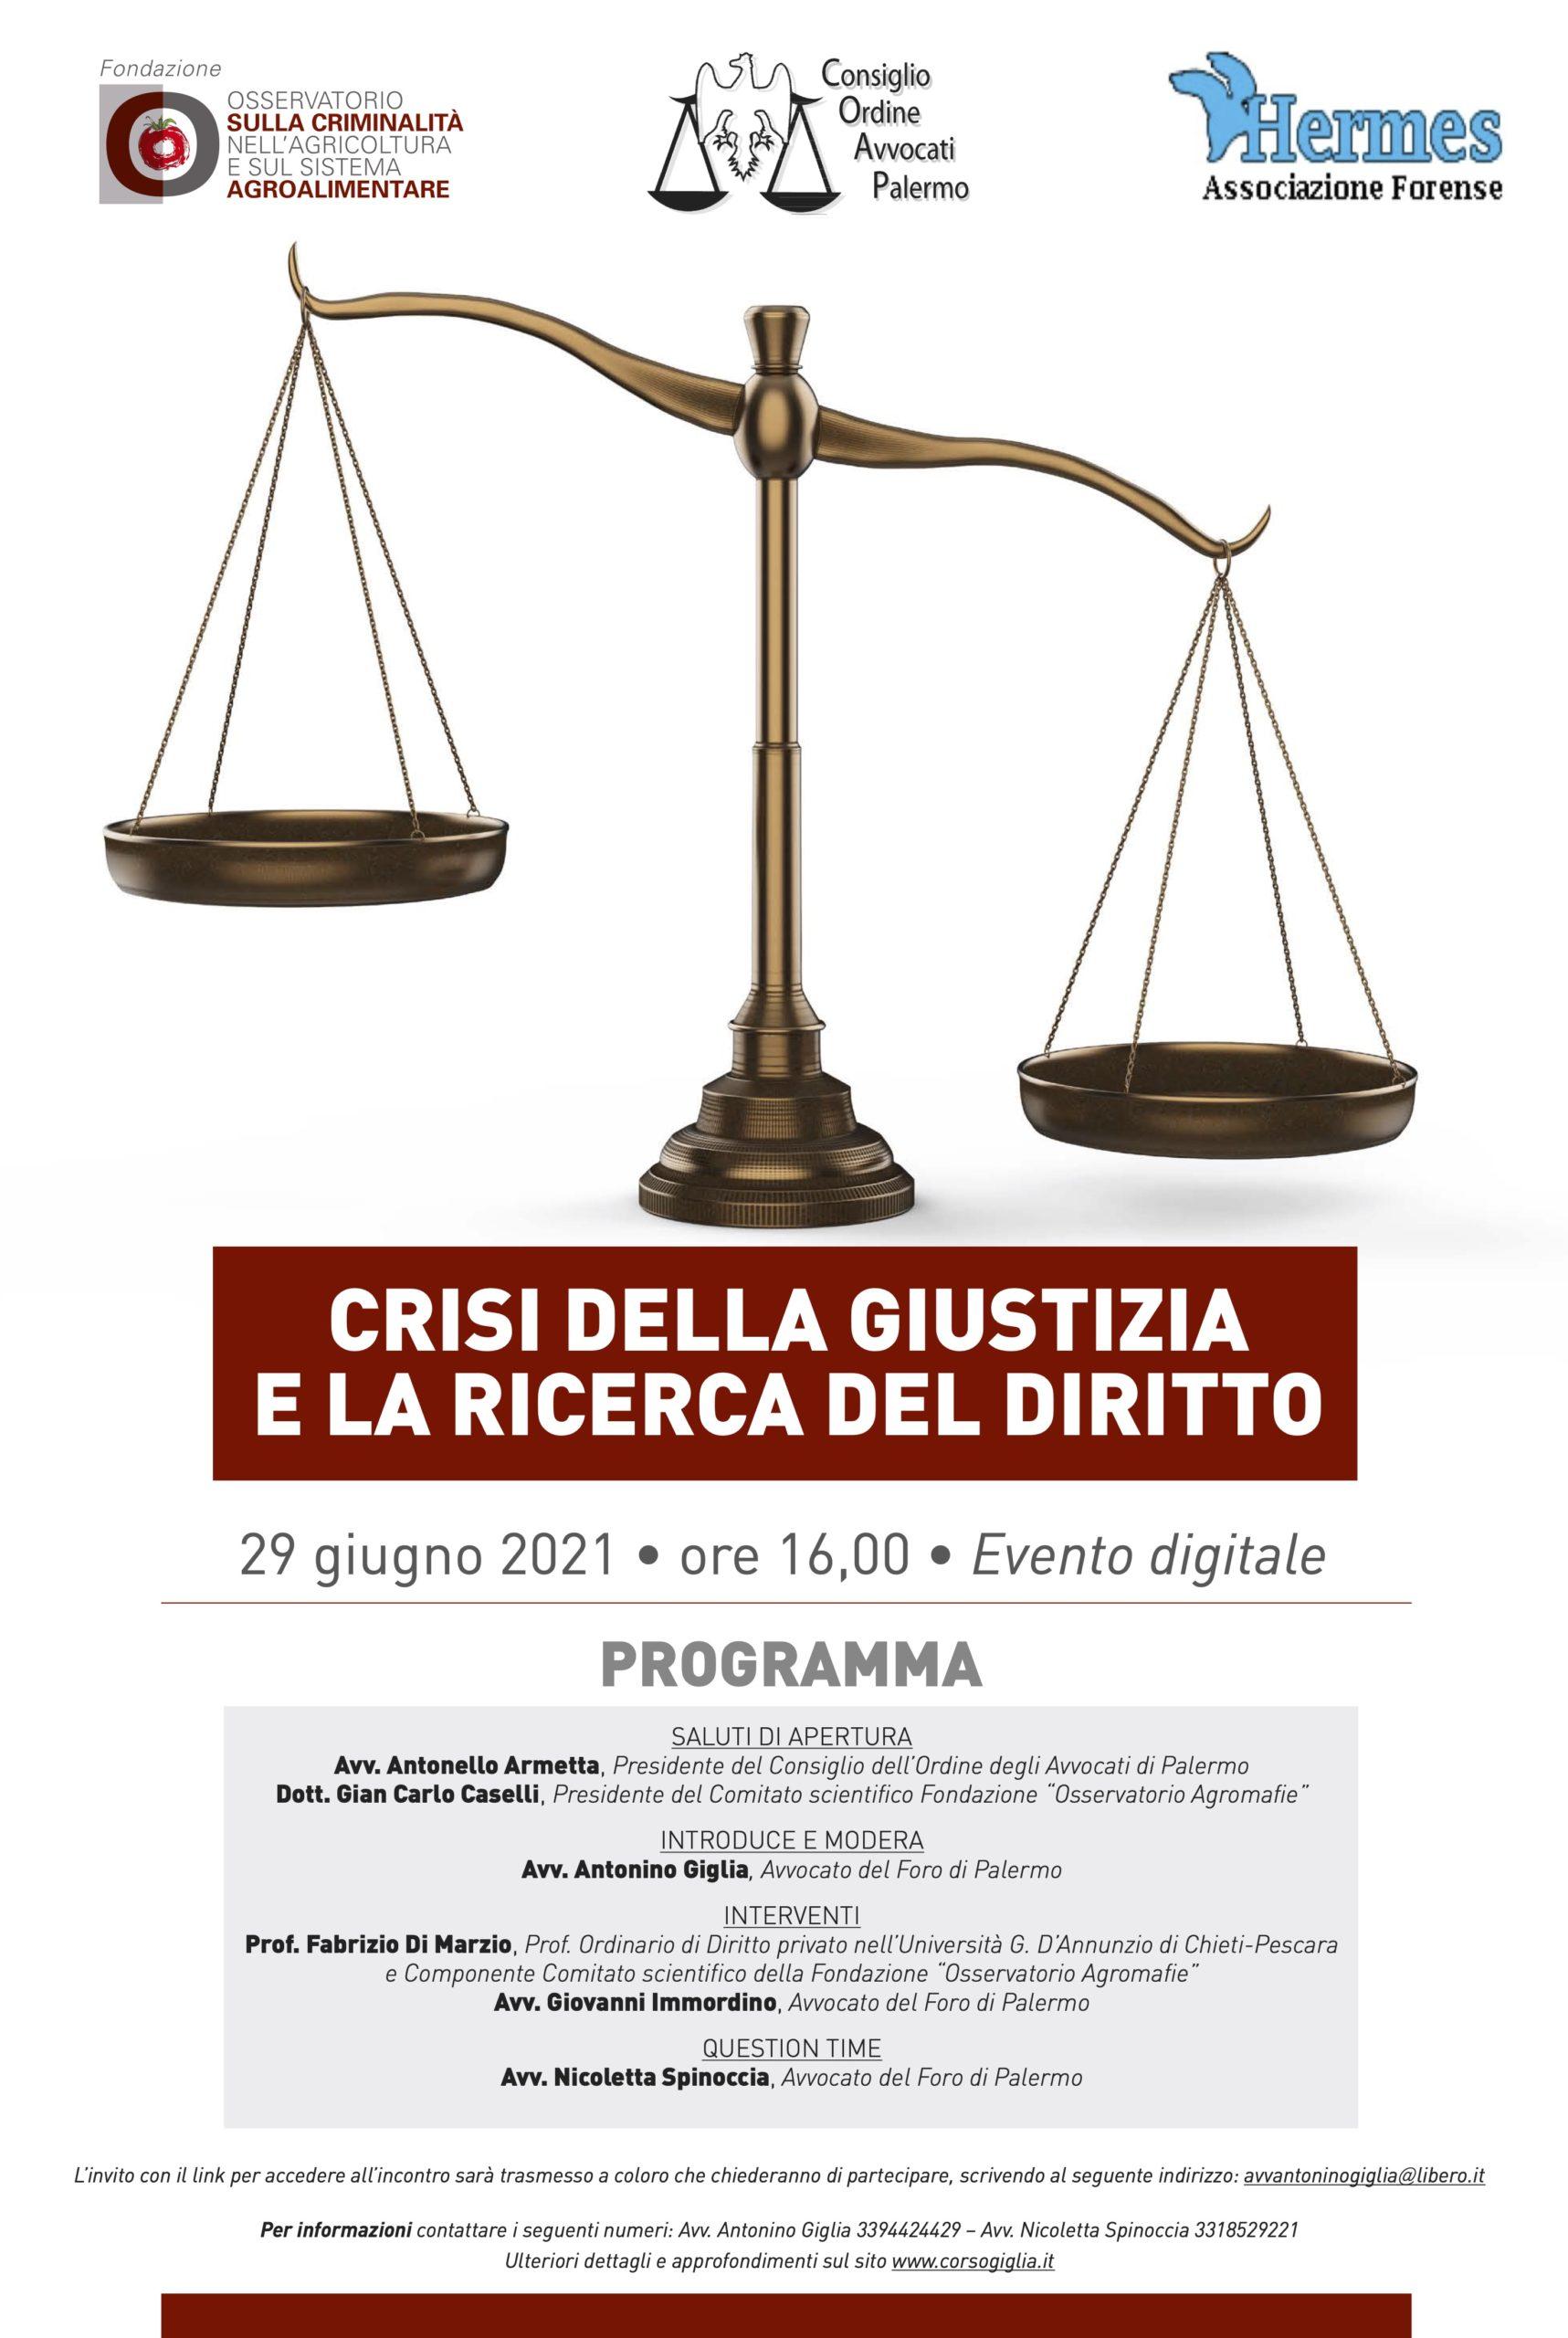 locandina crisi della giustizia 29 giugno 2021